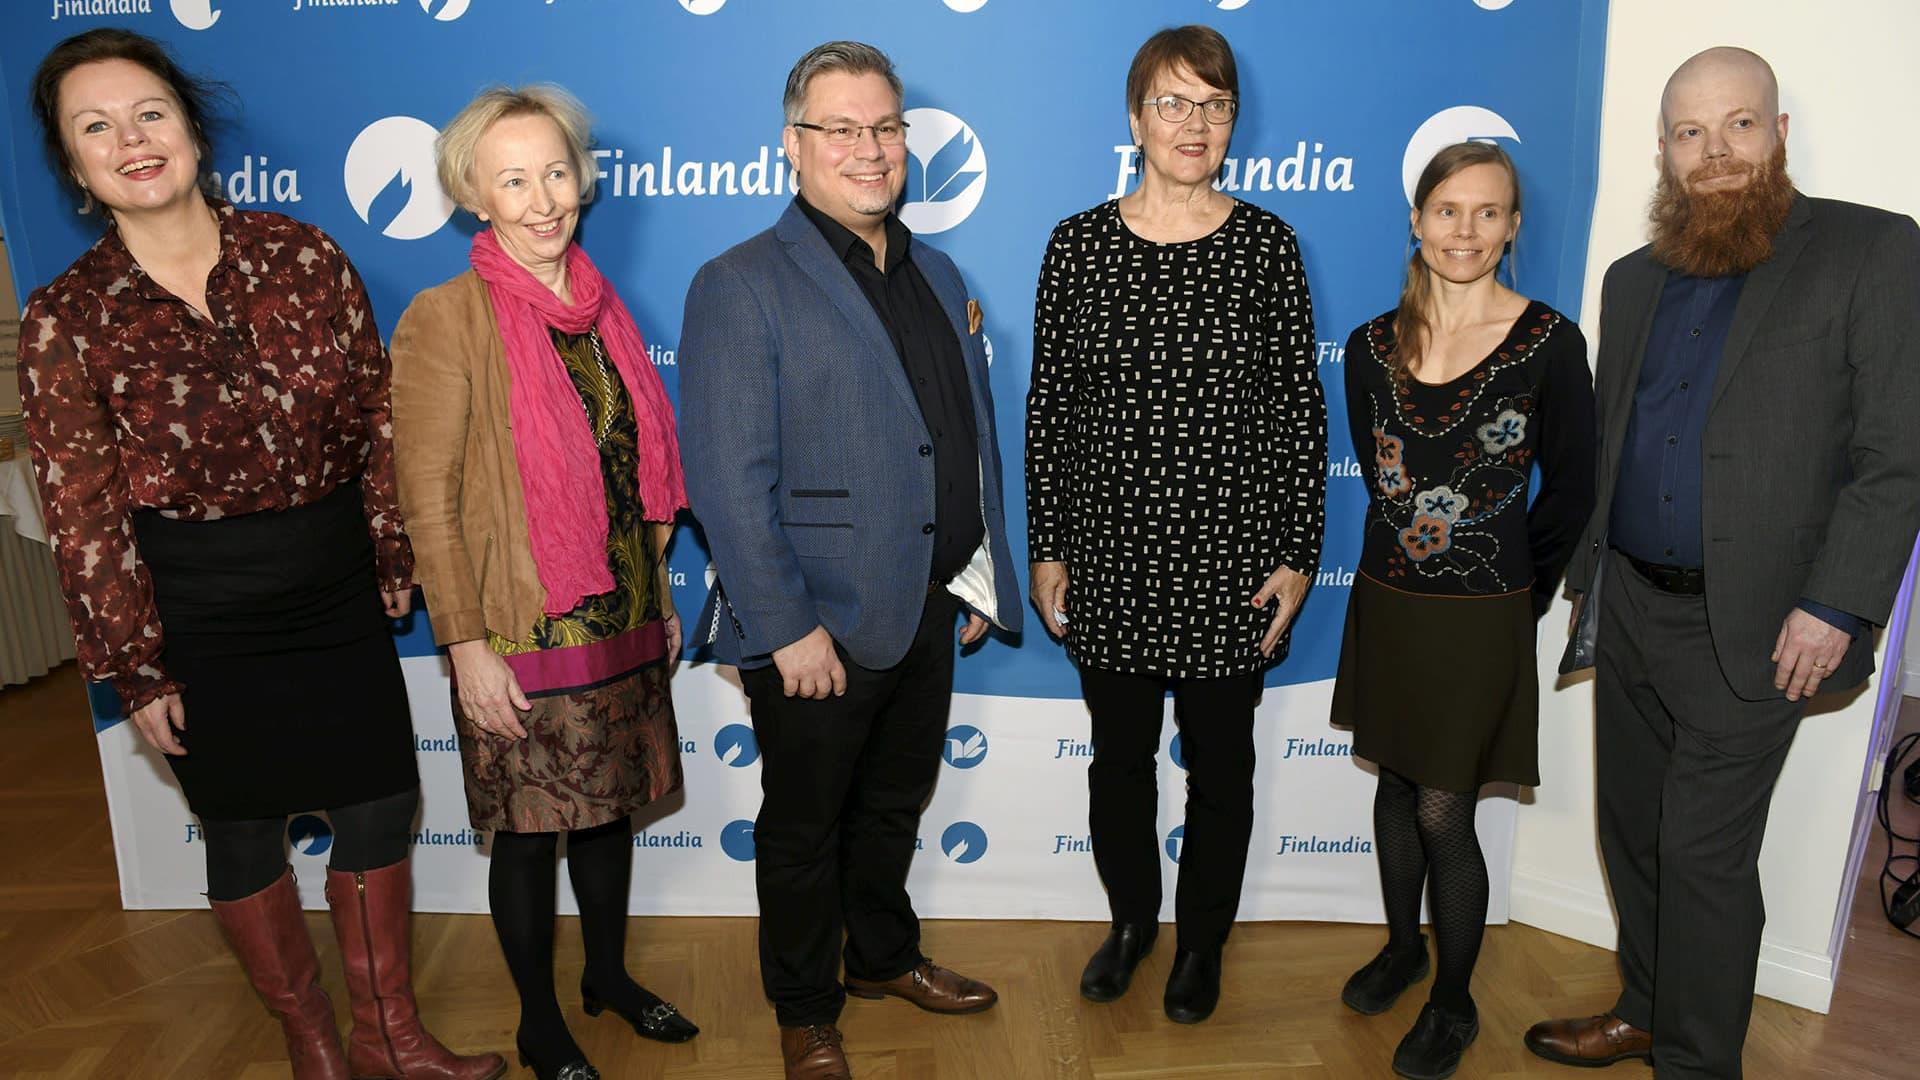 Kaunokirjallisuuden Finlandia-ehdokkaiden julkistus